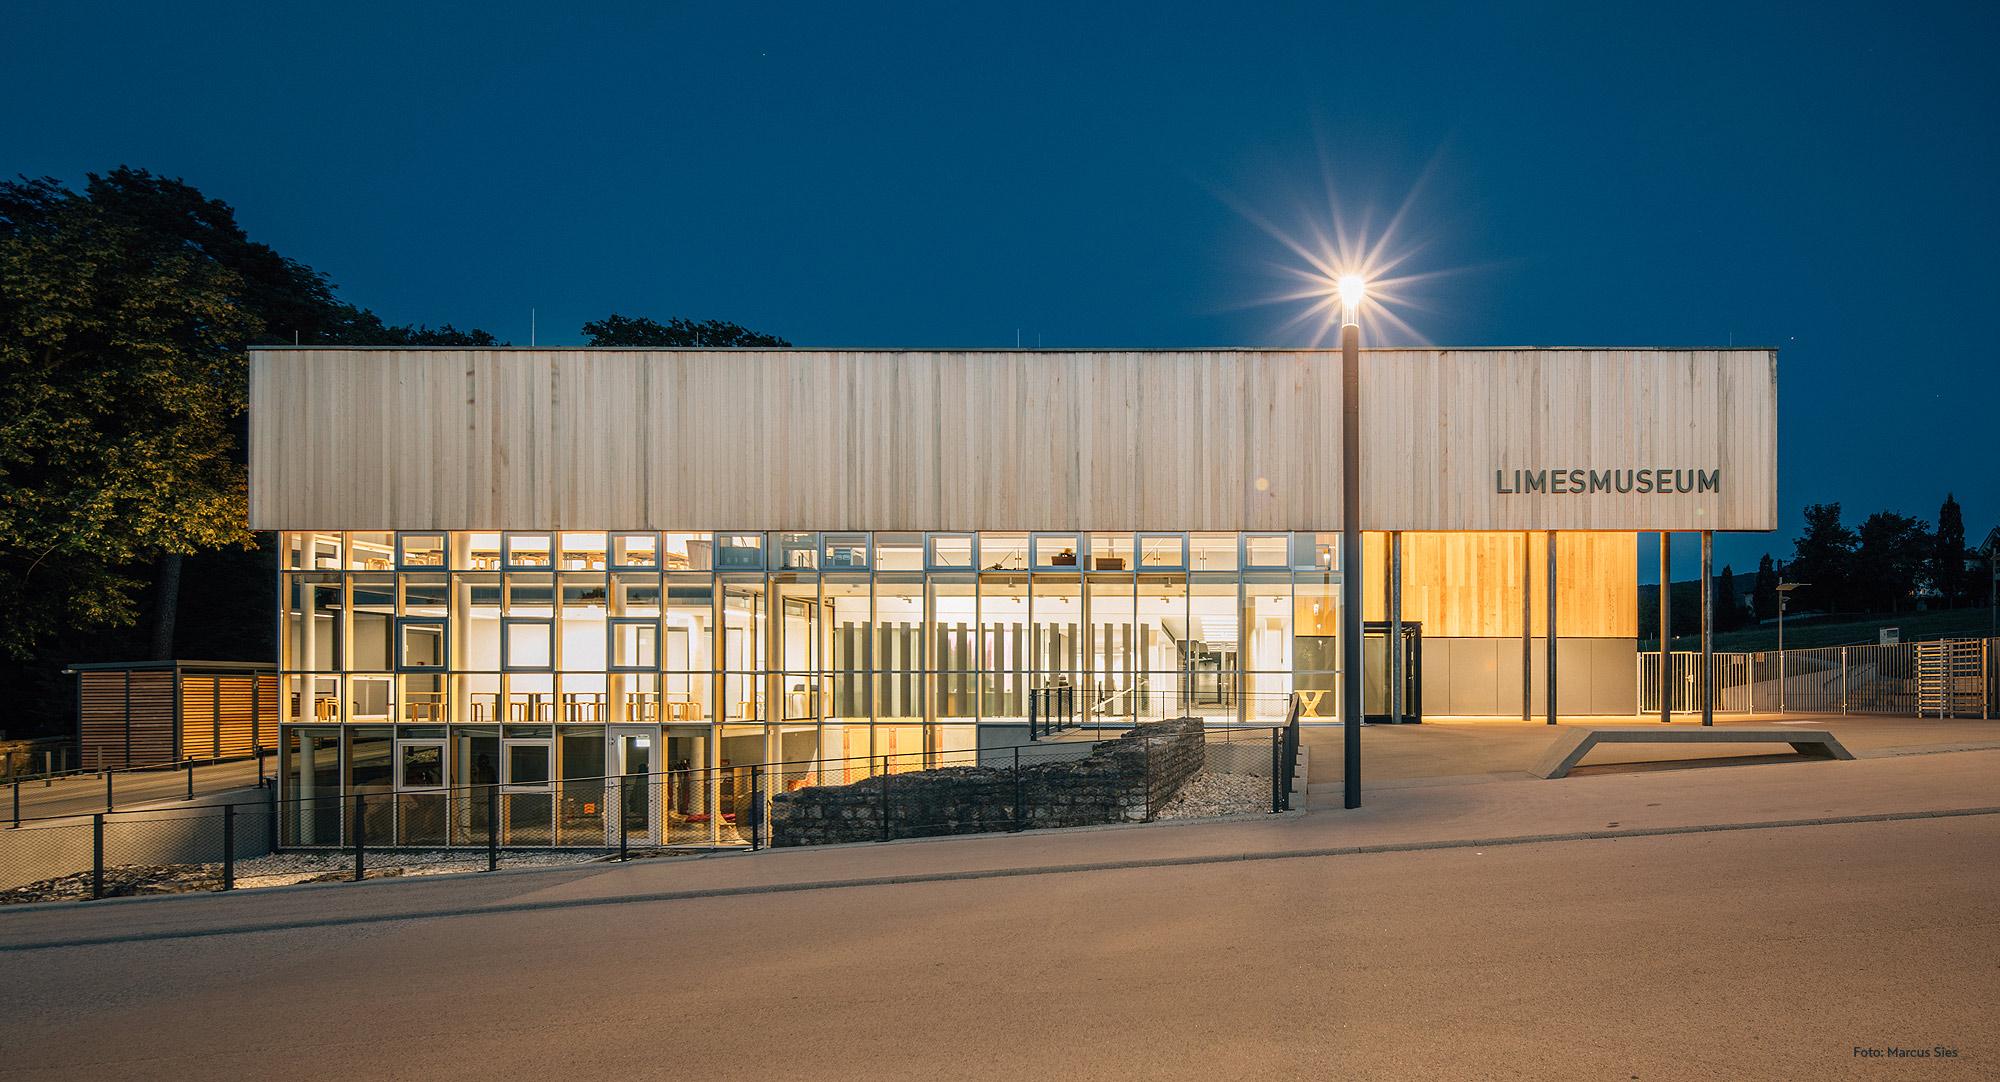 Limesmuseum Aalen